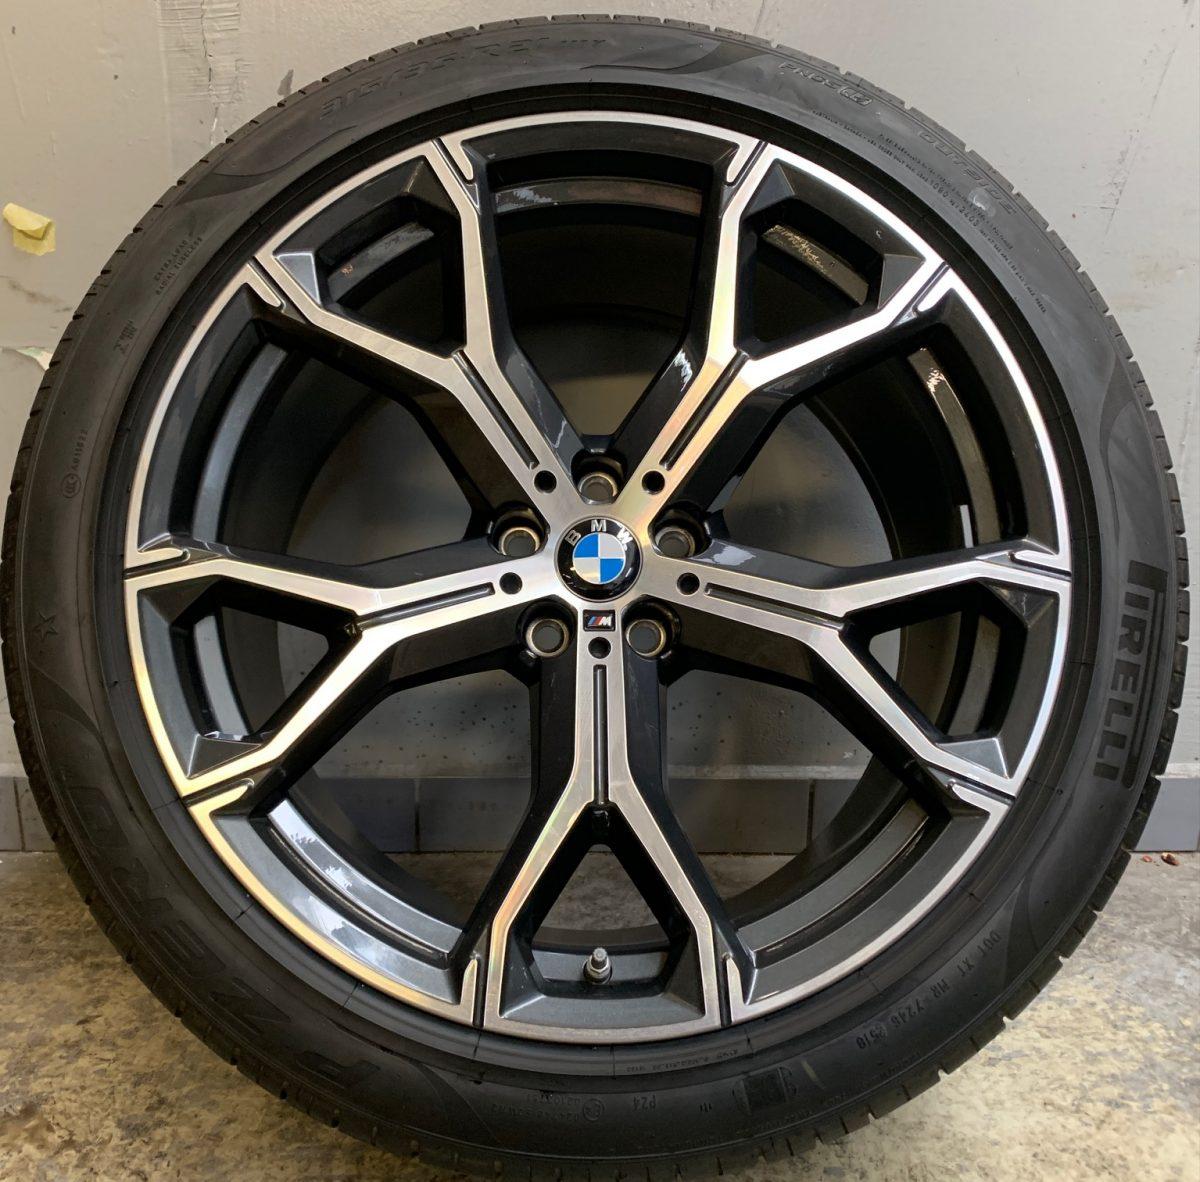 Gyári alufelni BMW X5 G05 (741M Style) 9,5X21-10,5X21 5X112 új nyárikerék- garnitúra! Pirelli defekttűrő gumikkal,nyomásszenzorral! 1